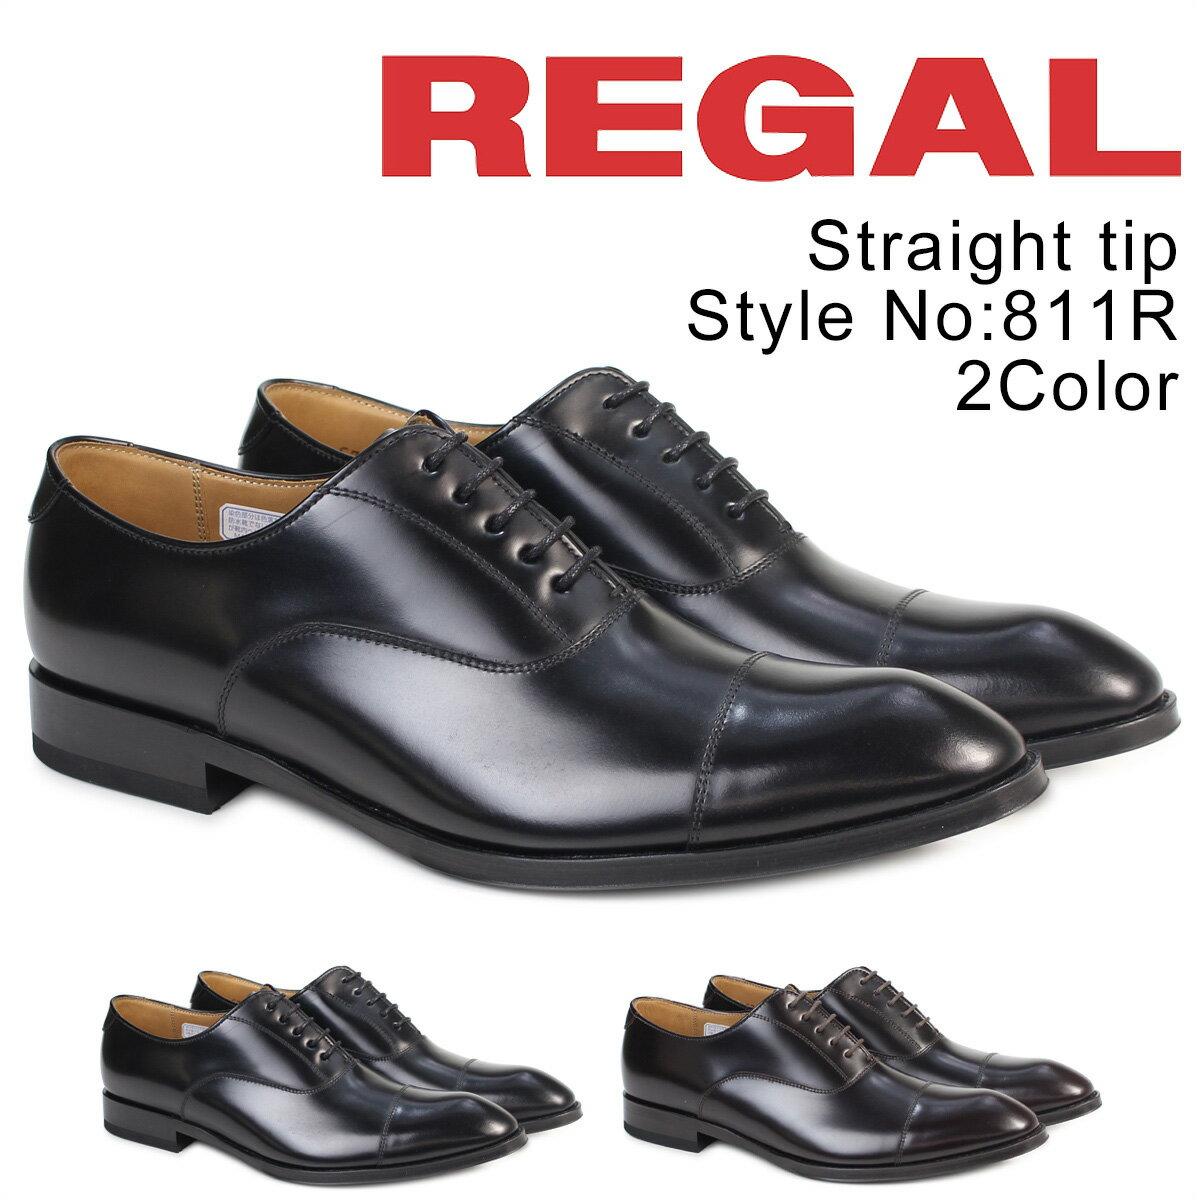 REGAL 811R AL 靴 メンズ リーガル ビジネスシューズ ストレートチップ [5/8 追加入荷]